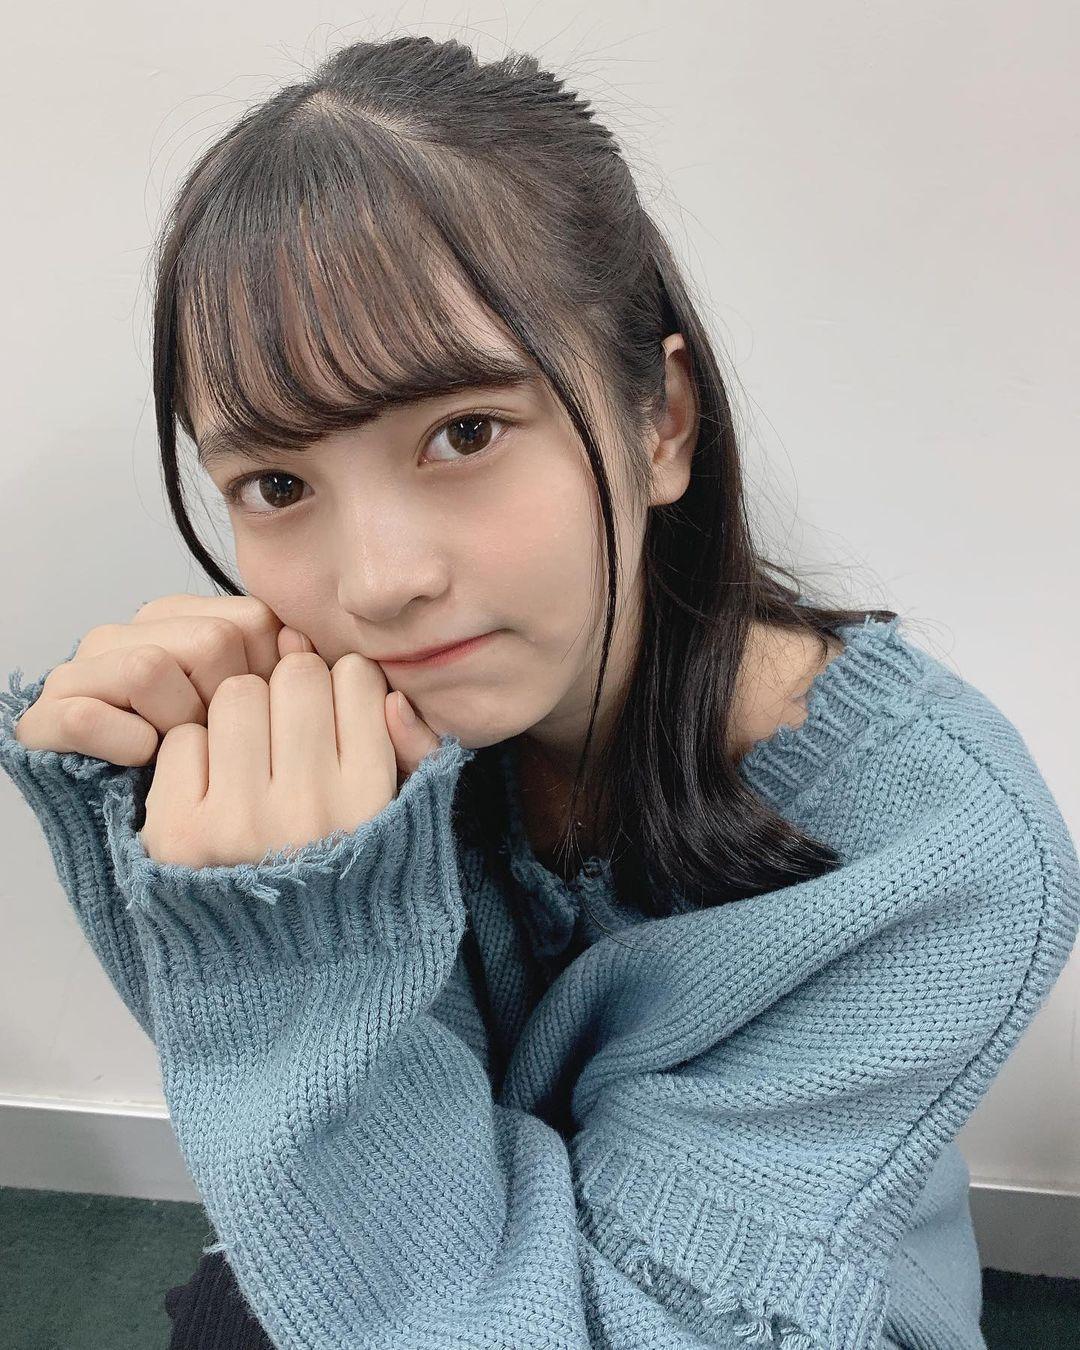 青春妹子无限18岁黑嵜菜菜子长得可爱 网络美女 第8张